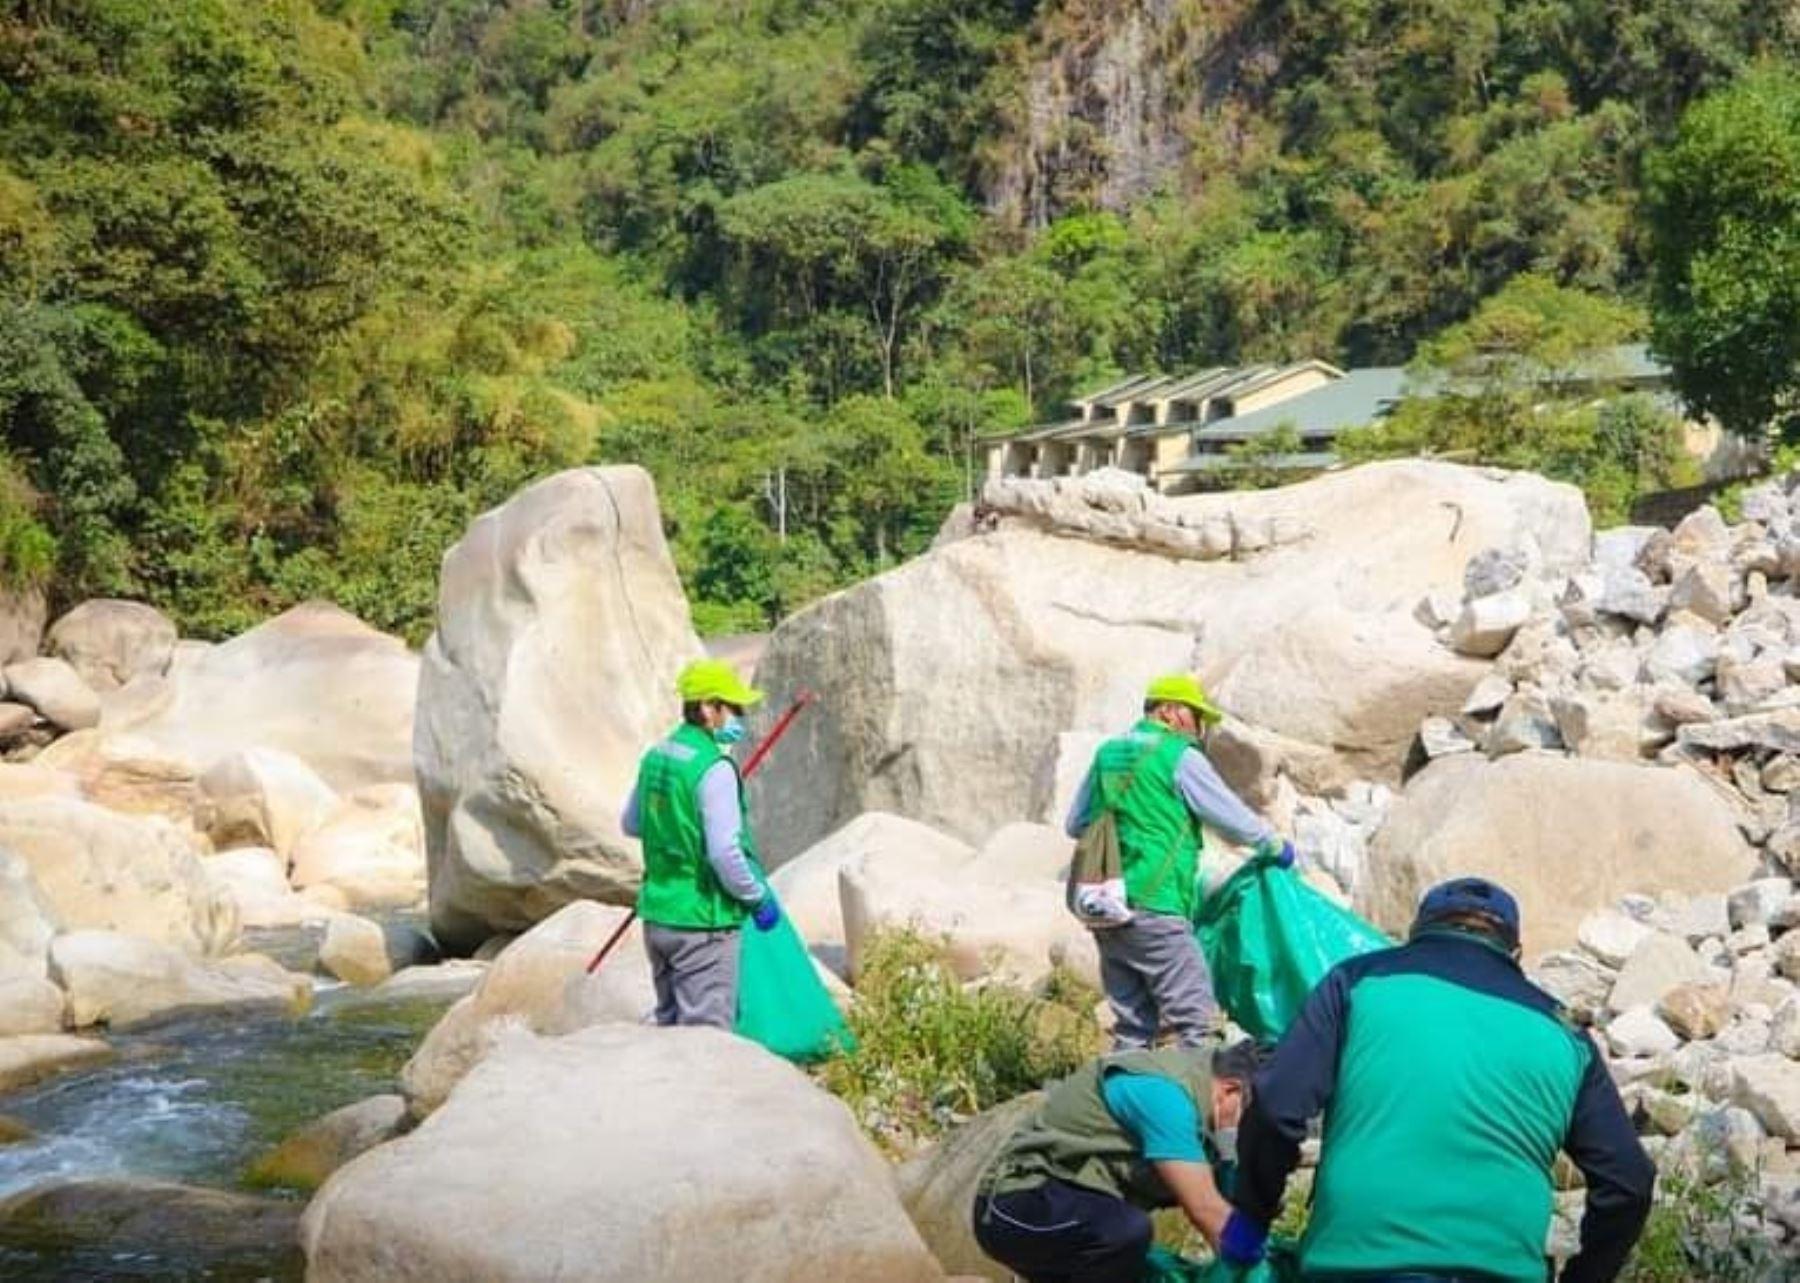 Brigadas de limpieza retiran cuatro toneladas de residuos sólidos de ríos que cruzan el distrito de Machu Picchu, región Cusco.